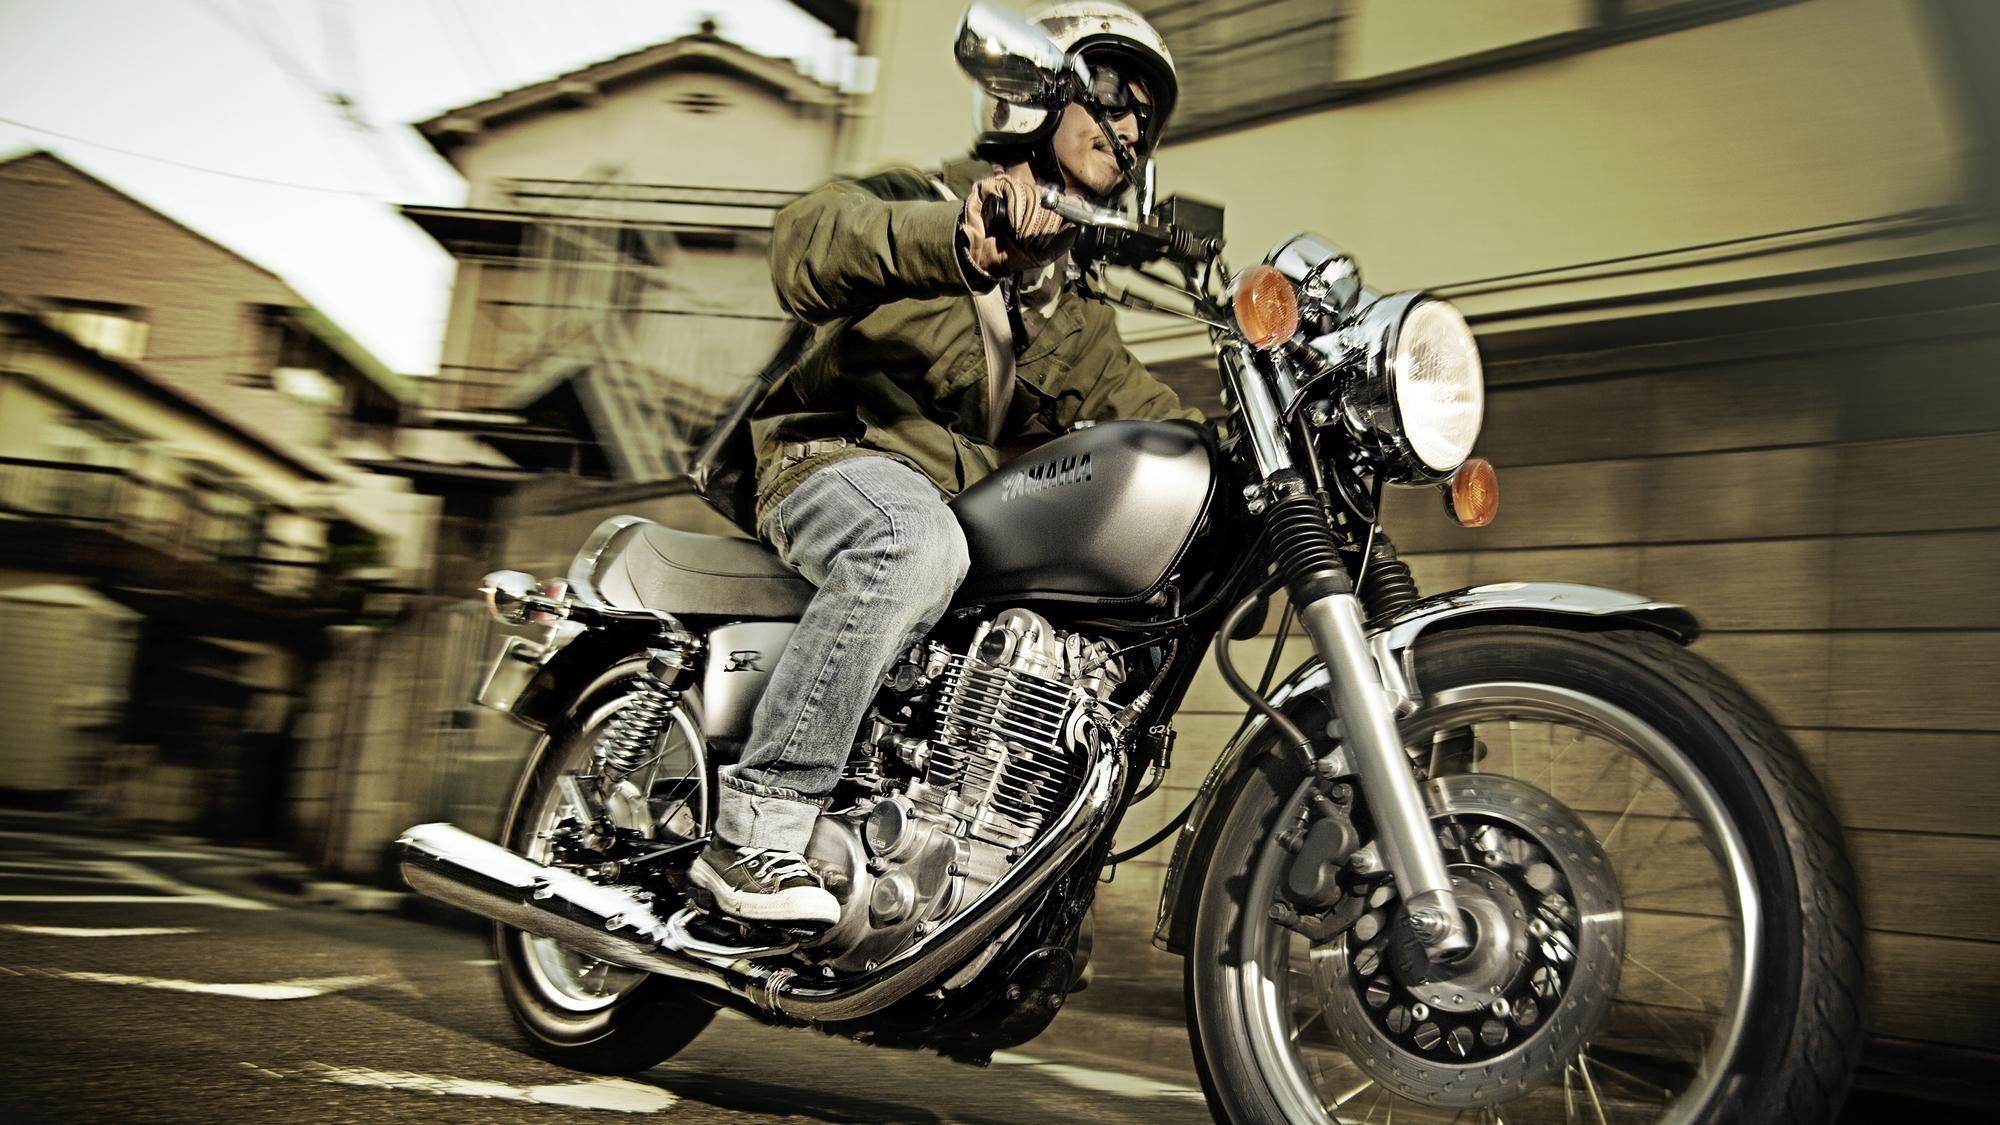 Bietet die SR 400 von Yamaha jeder Menge Möglichkeiten für grenzenlosen Fahrspaß